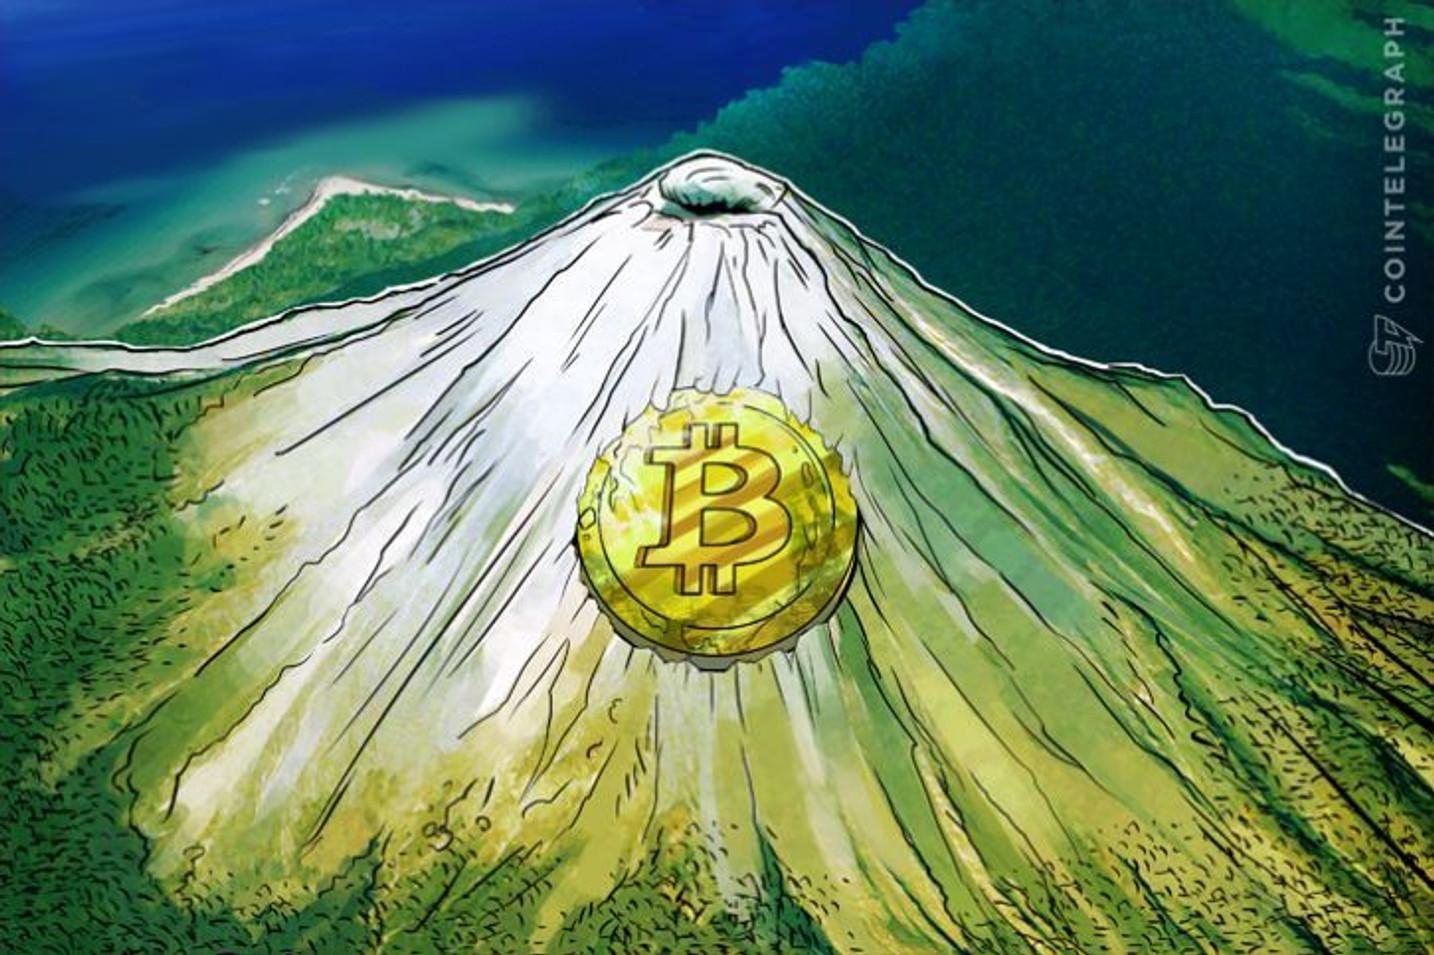 Goldman Saks predviđa konsolidaciju cene bitkoina na oko 8.000 dolara pre nego što nastavi rast